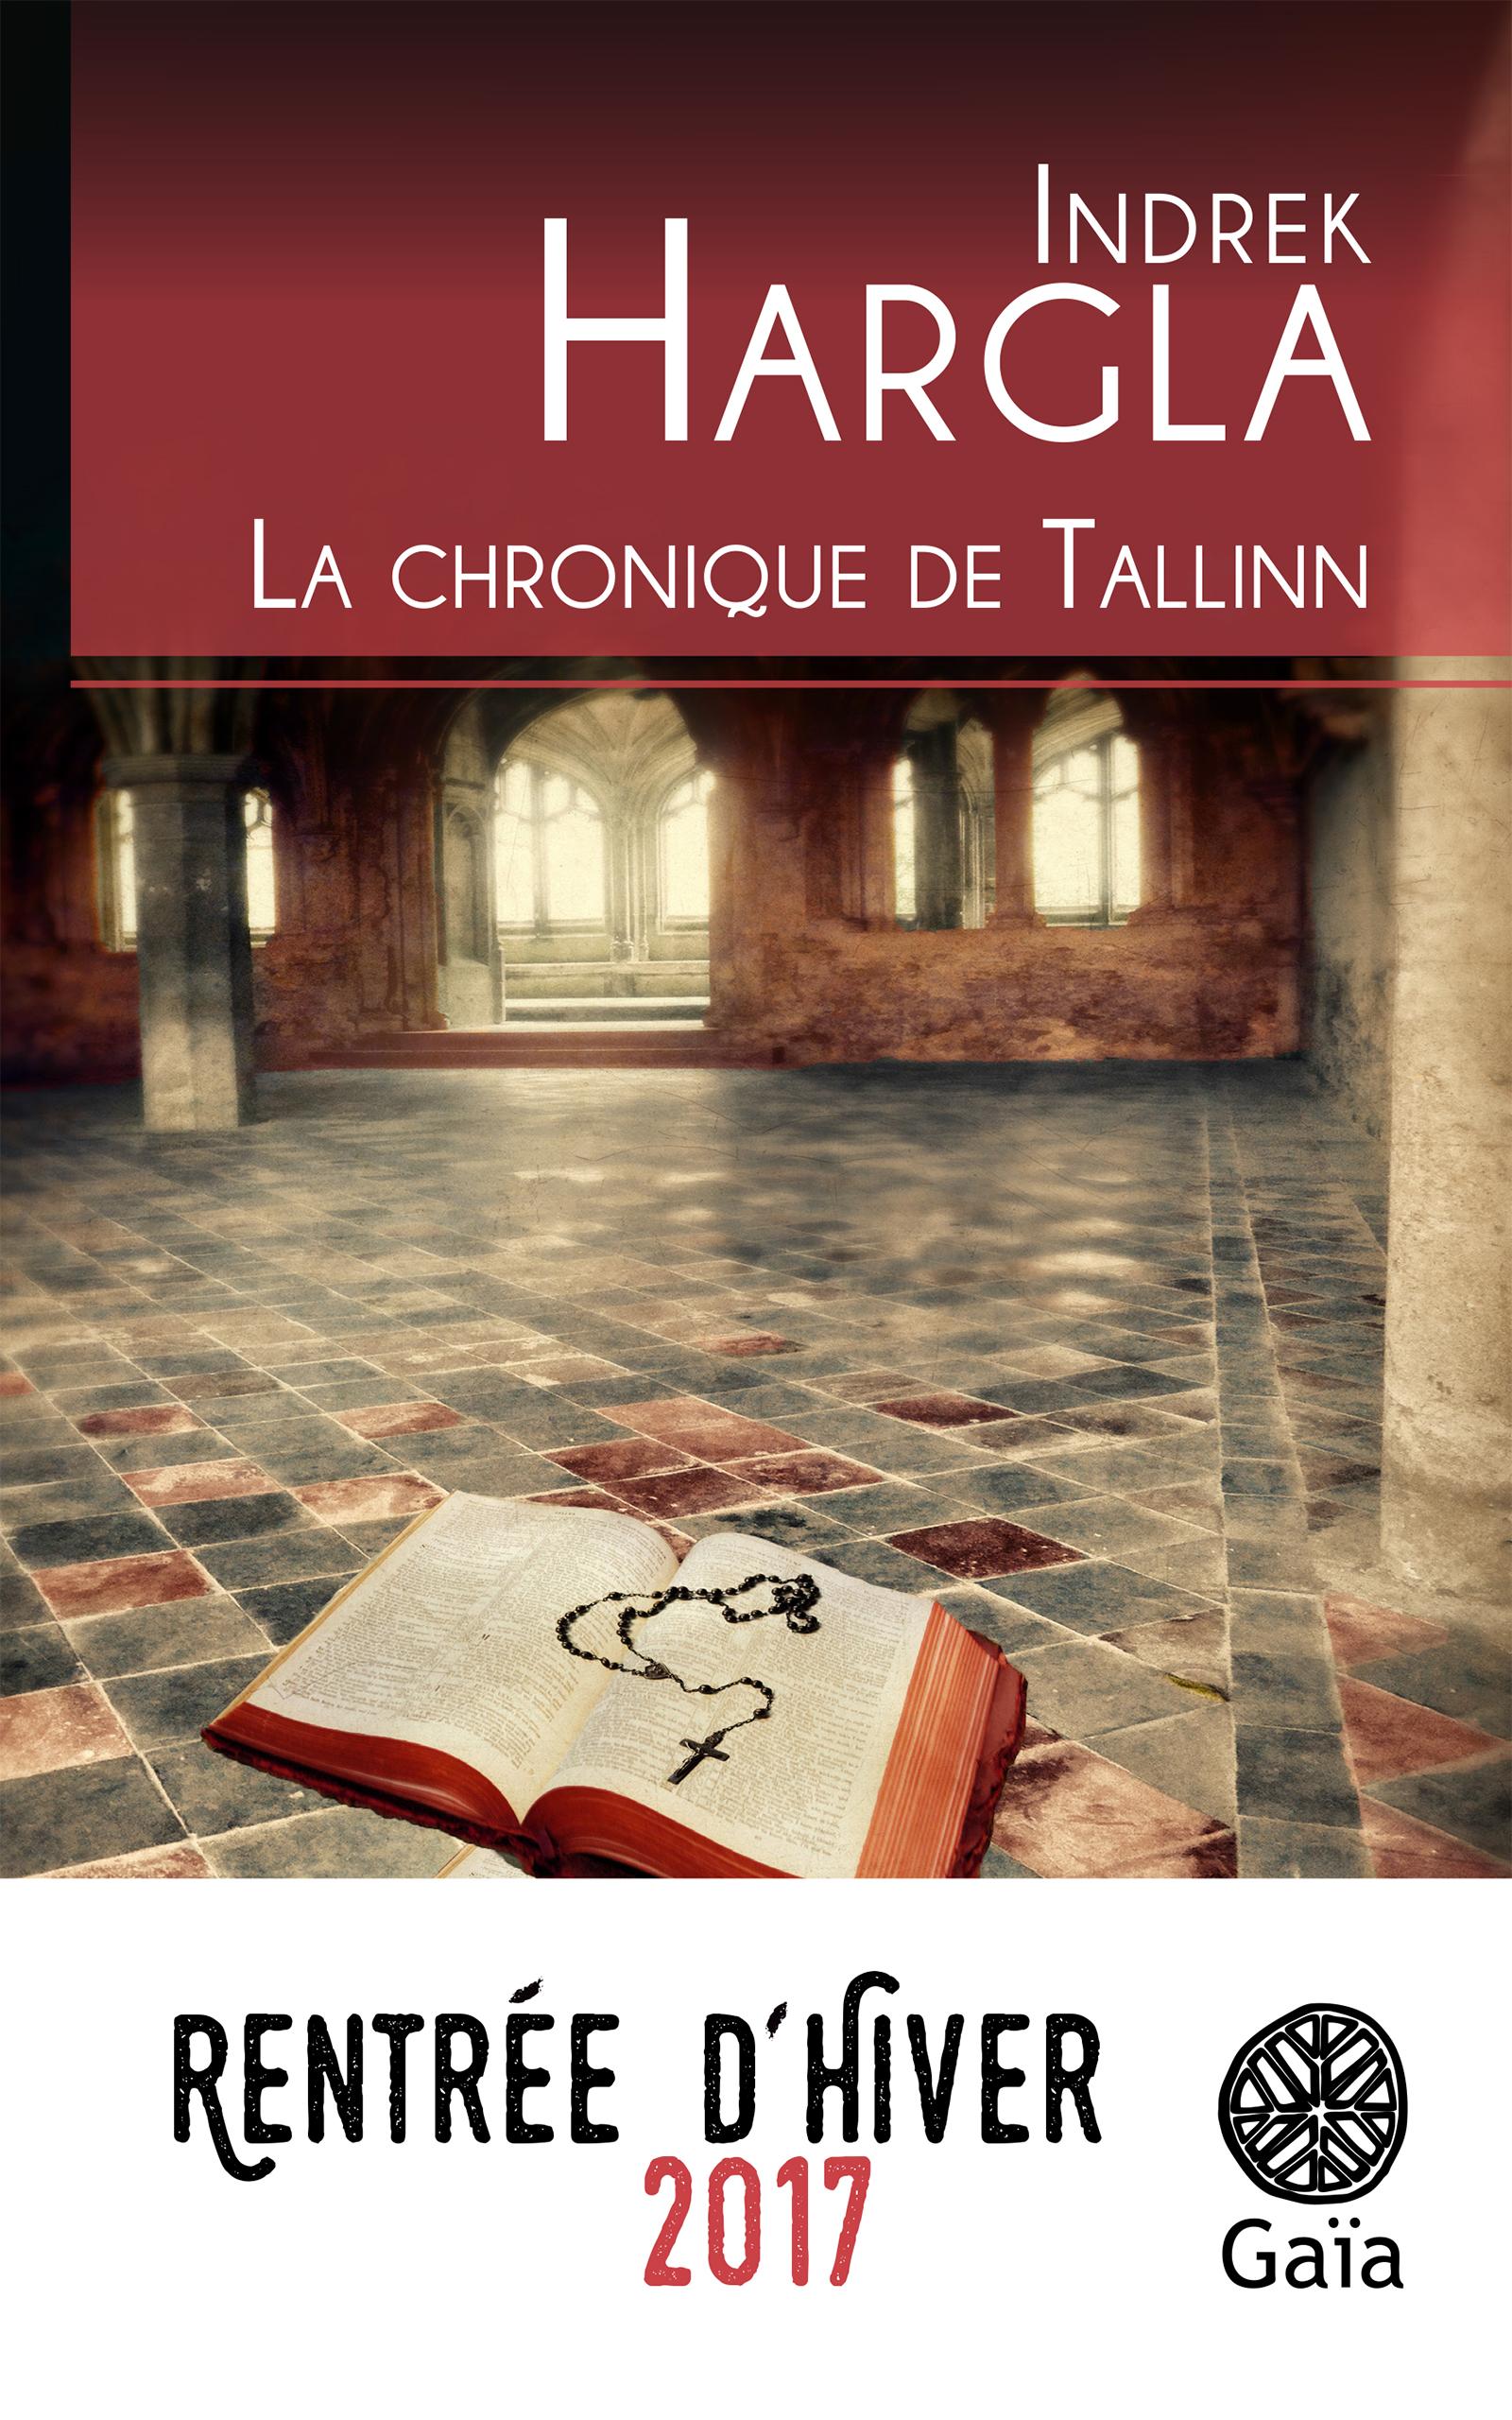 La chronique de Tallinn